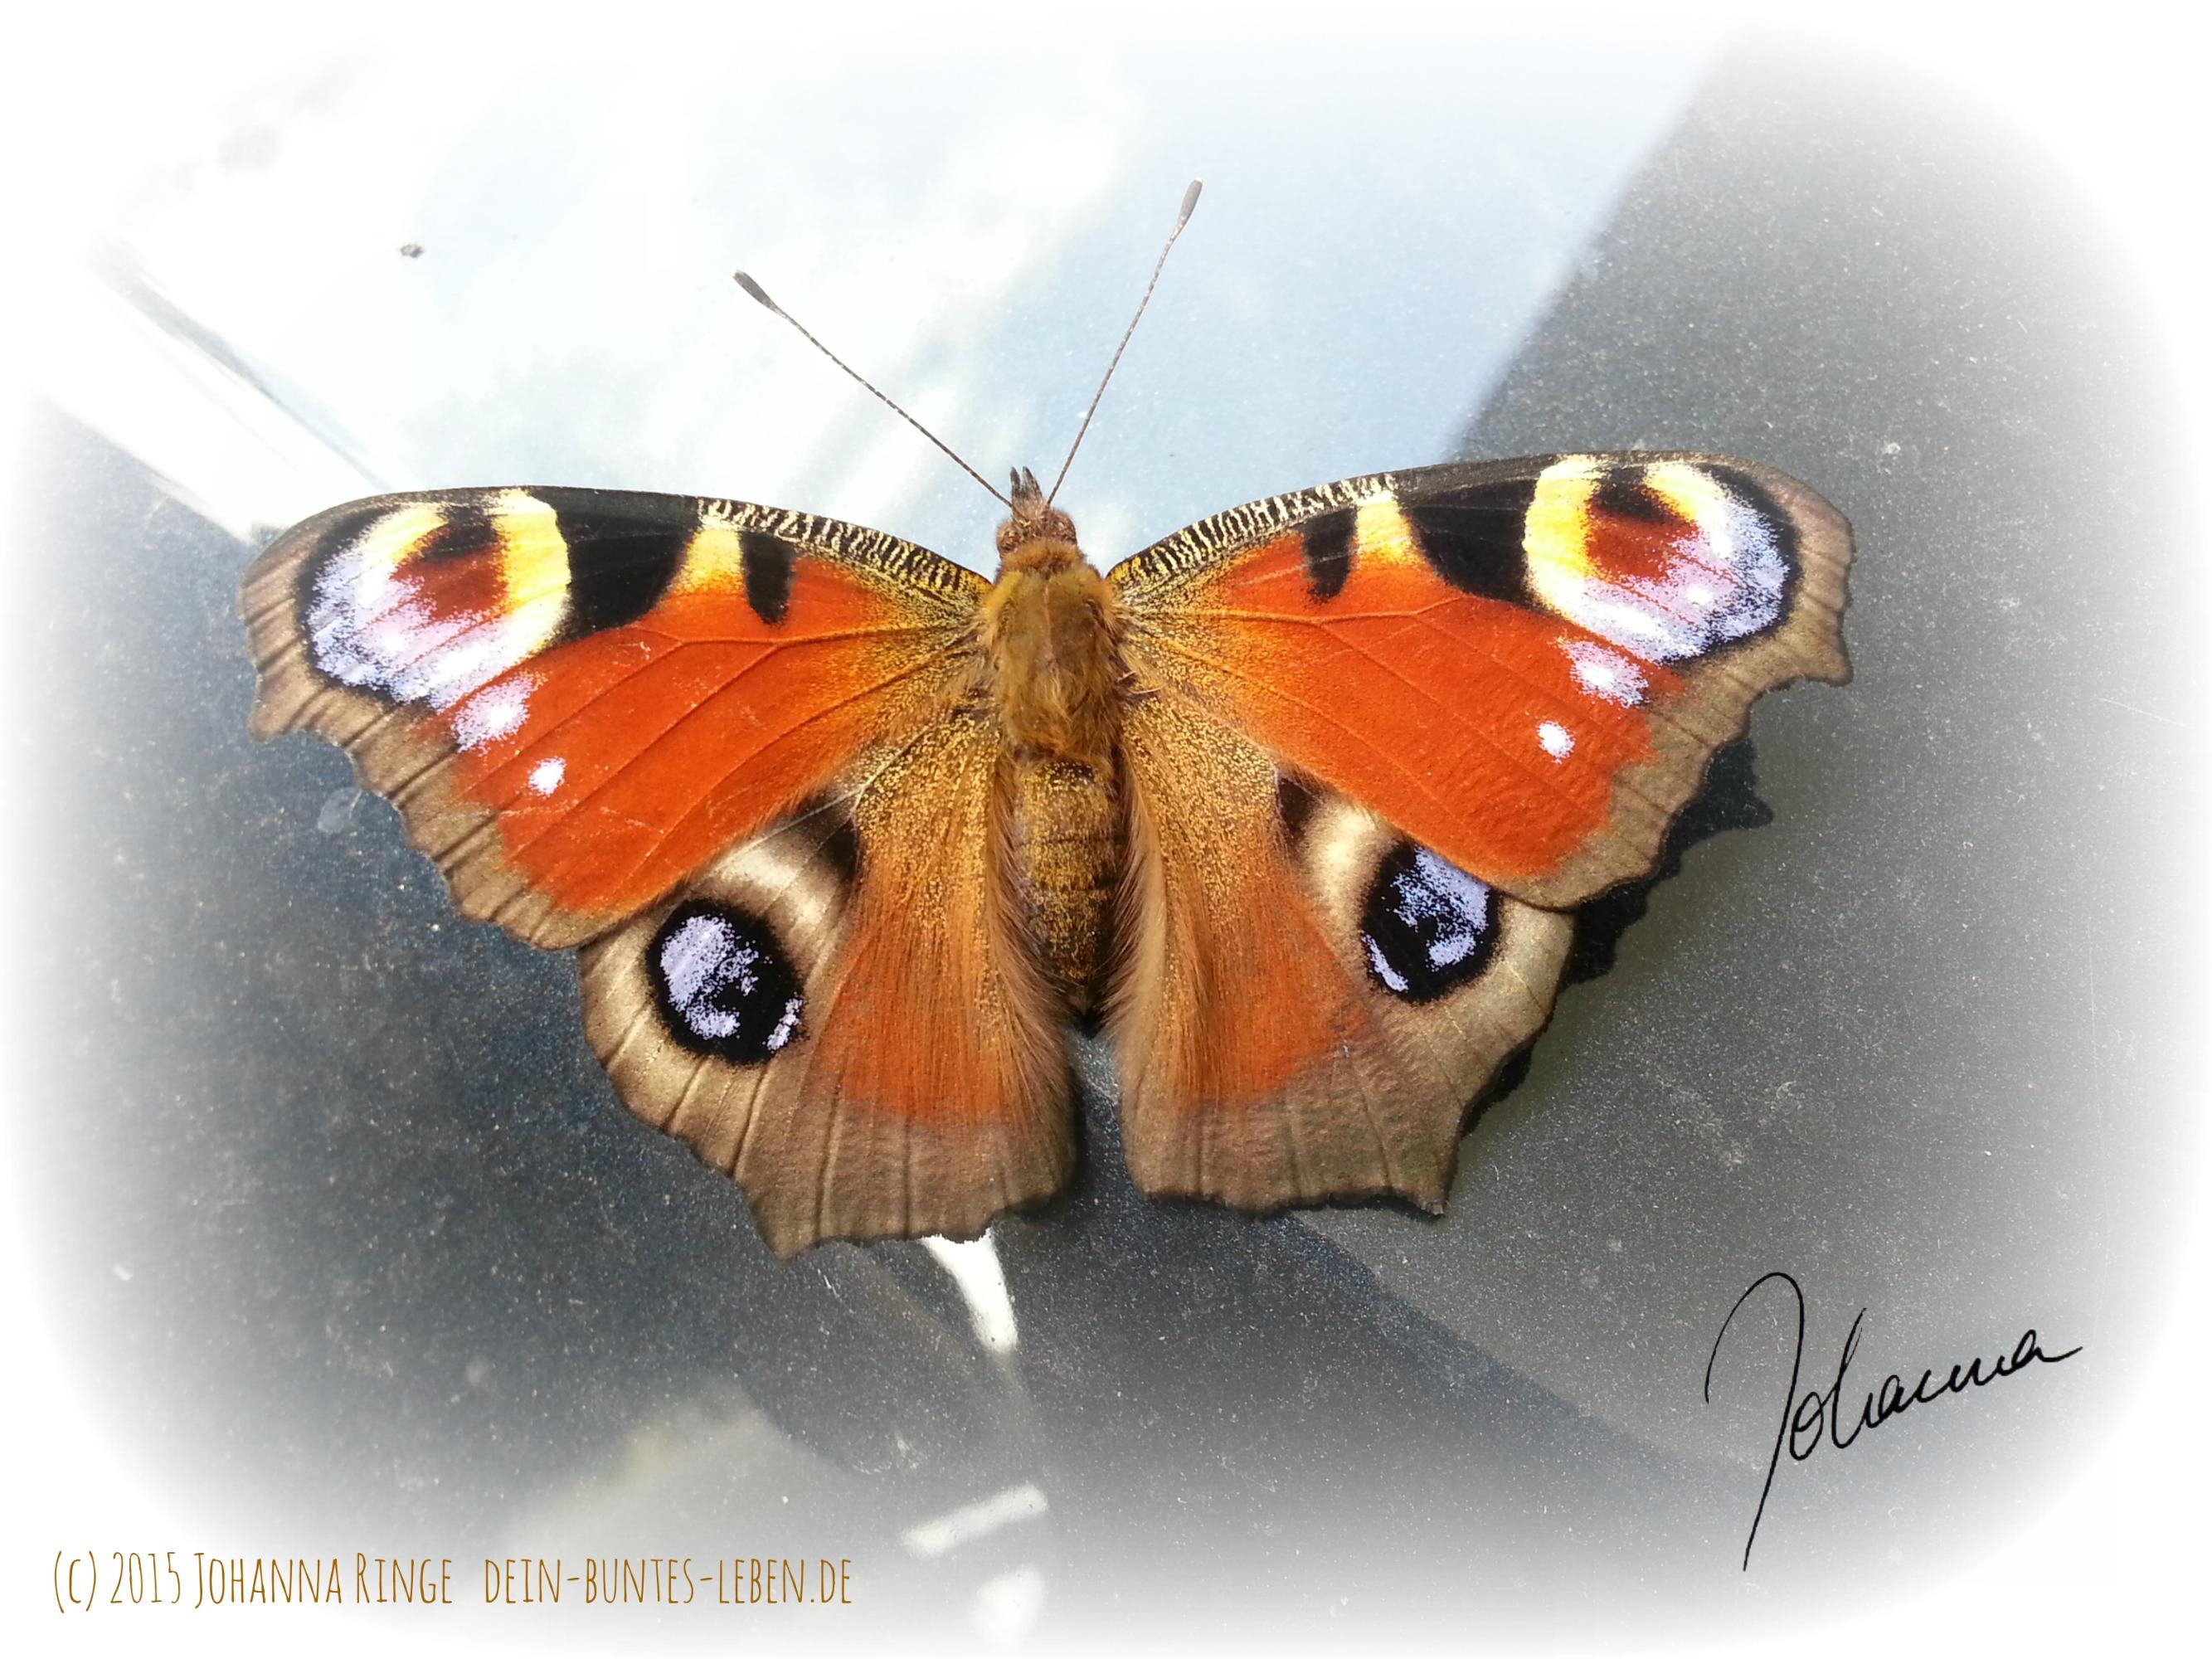 Ist ein Schmetterling lebendiger Perfektionismus? Oder einfach schön? (c)2015 Johanna Ringe